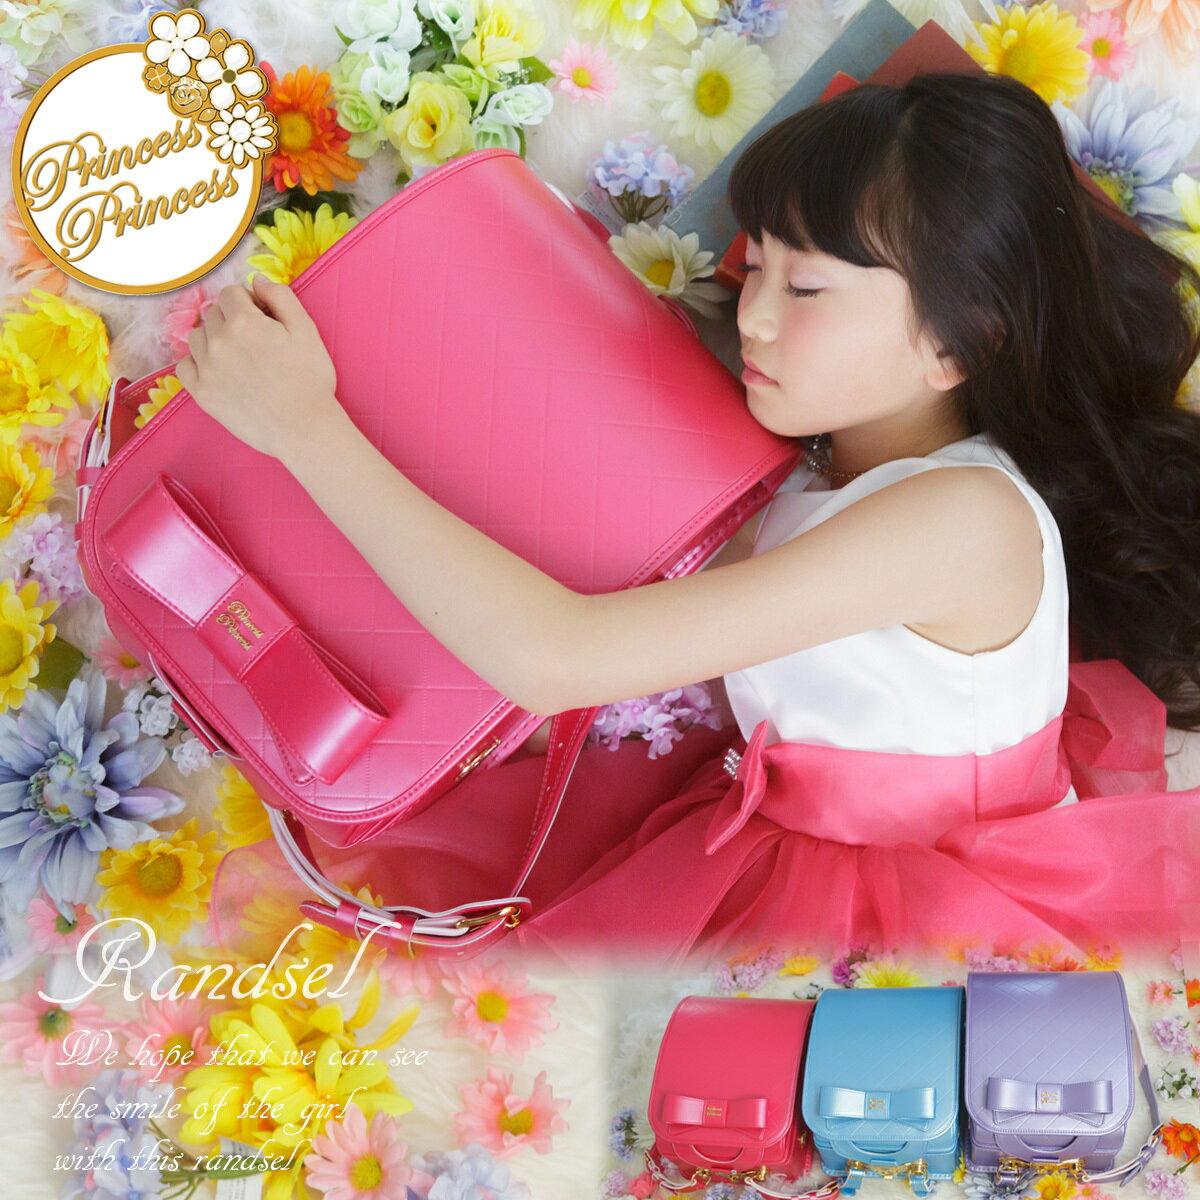 ランドセル 女の子 2019 リトルアミュ 大きなリボン 日本製 メーカー直売 コクホーランドセル プリンセス 入学祝い